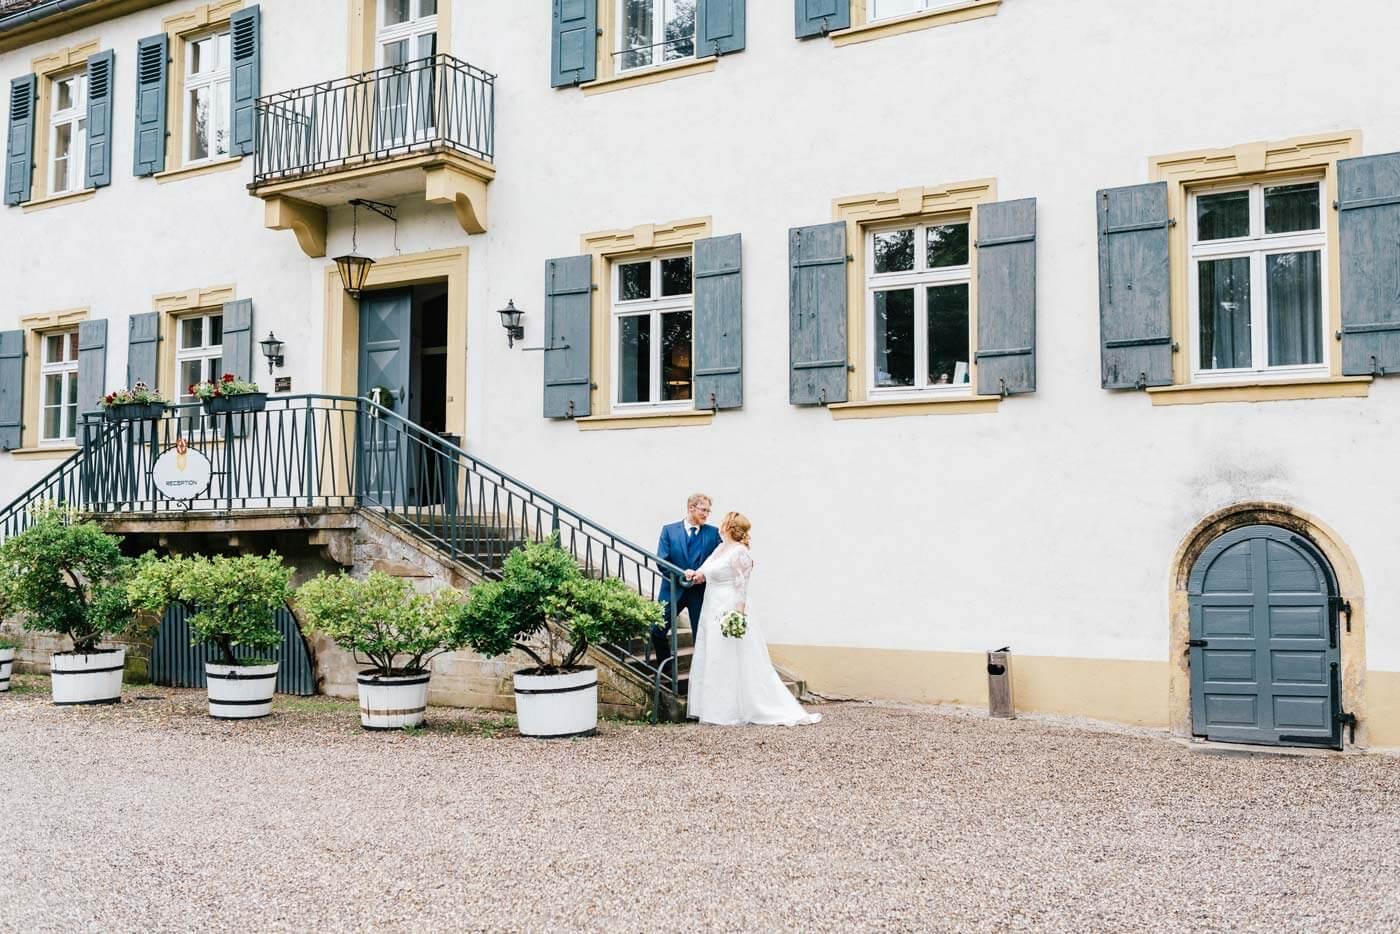 Schloss Kirchheim Heiraten In Schloss Kirchheim